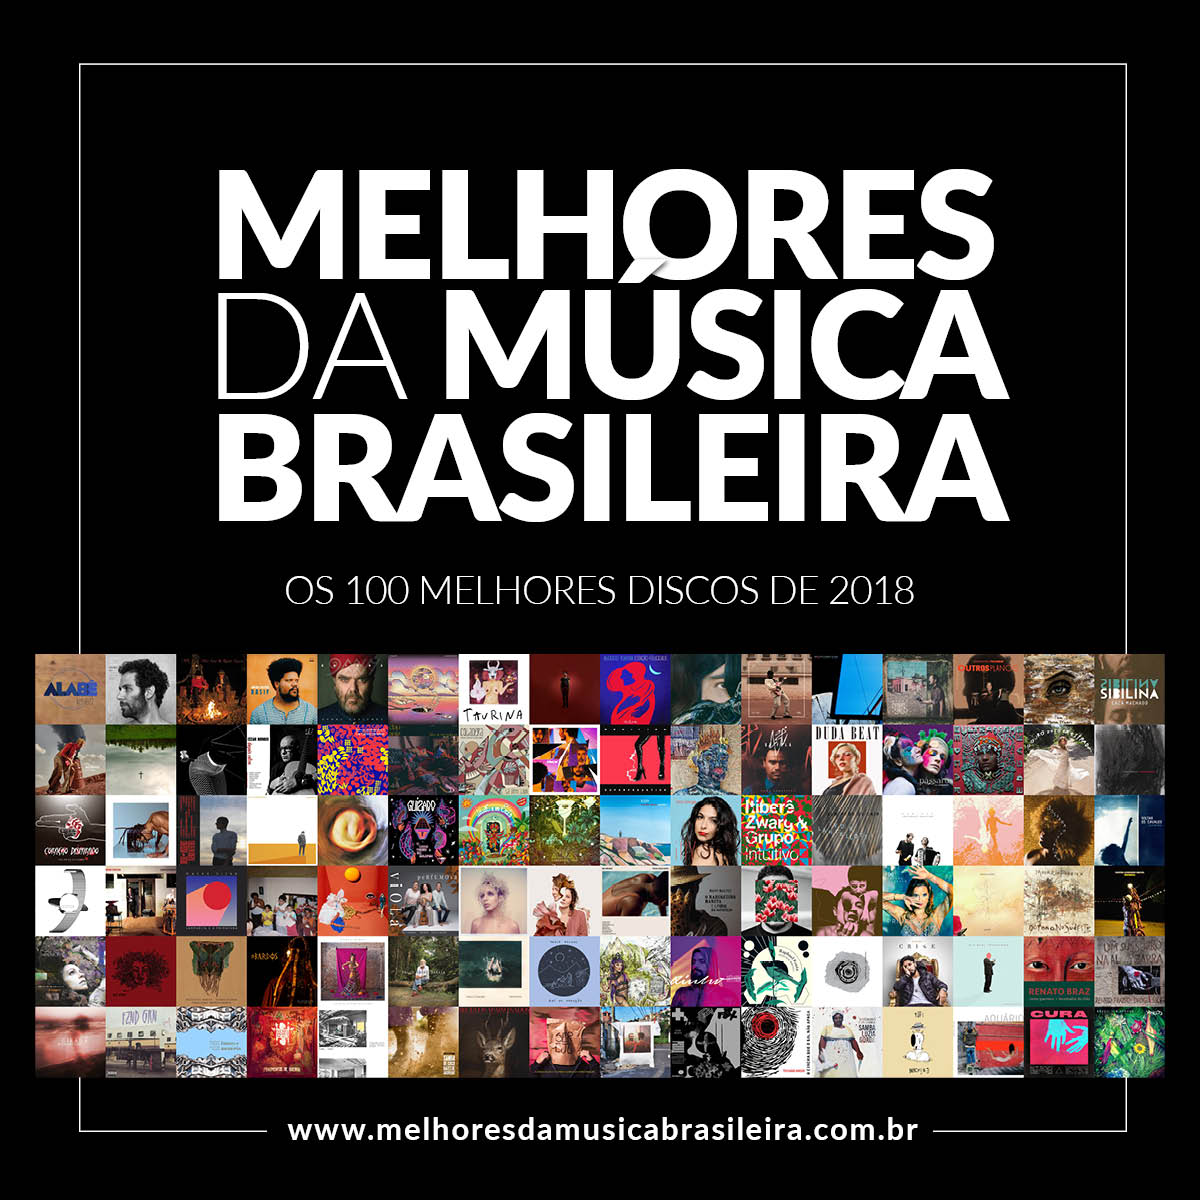 https://2018.melhoresdamusicabrasileira.com.br/